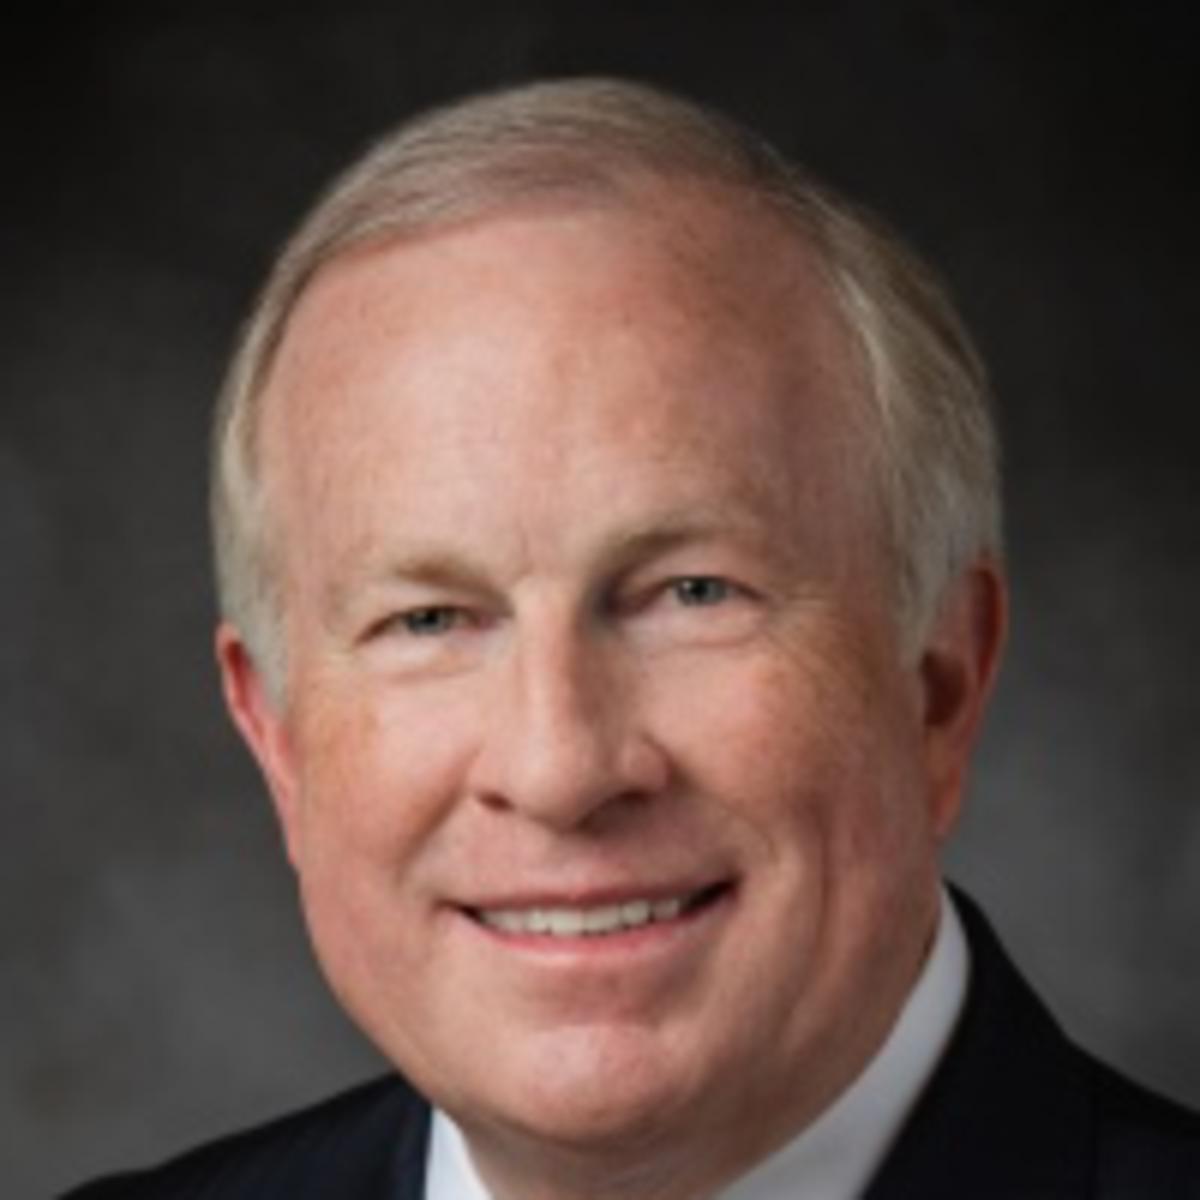 Vârstnicul Timothy J. Dyches